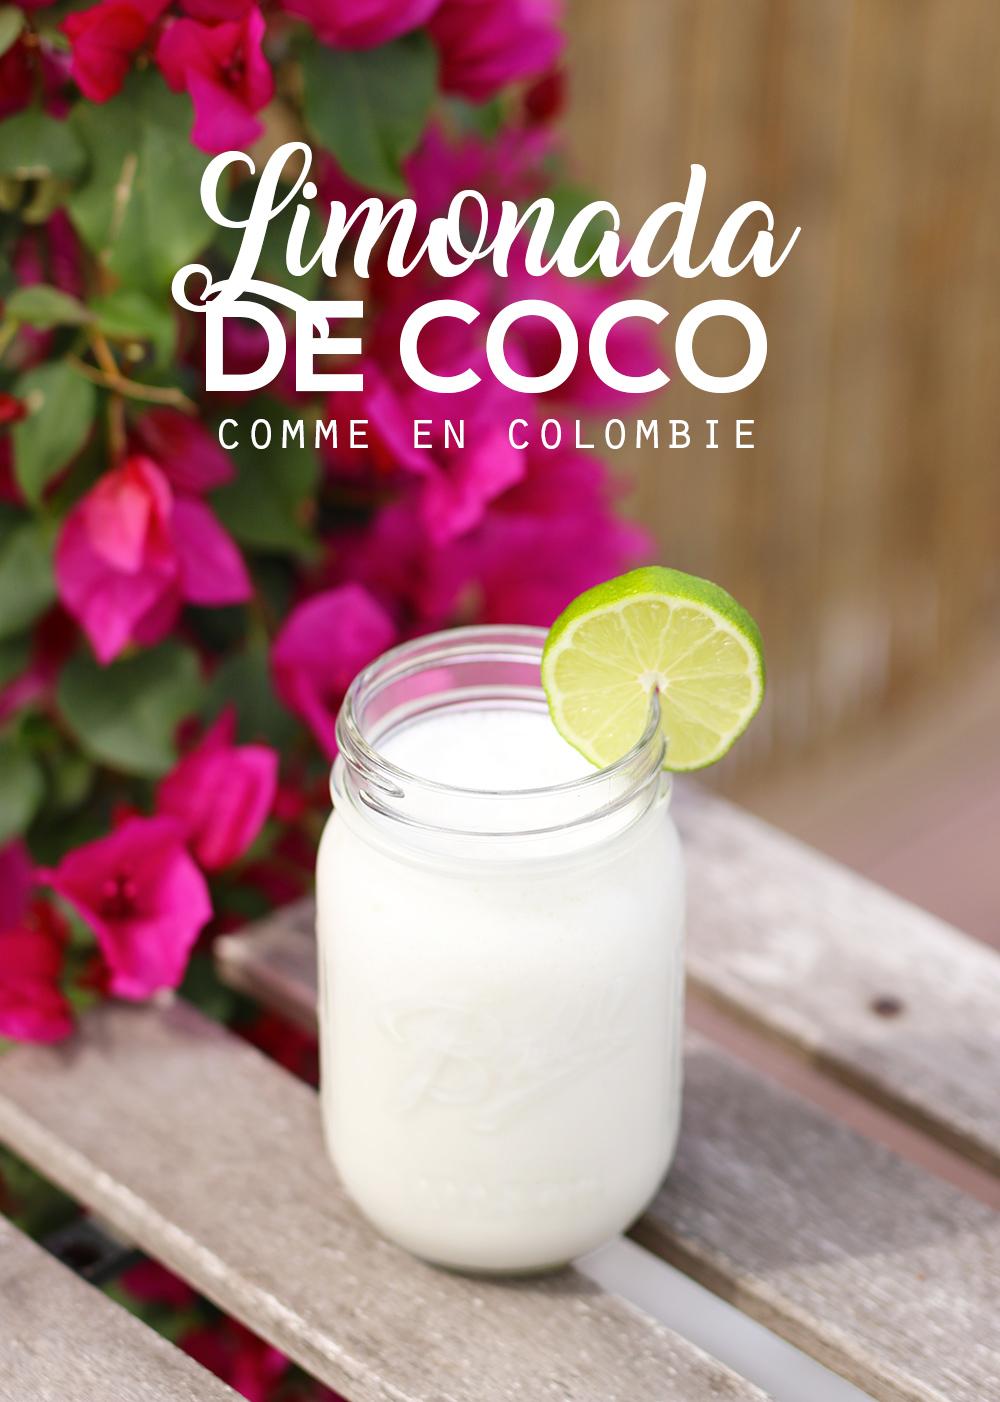 Recette Limonada de Coco colombienne - Mango & Salt